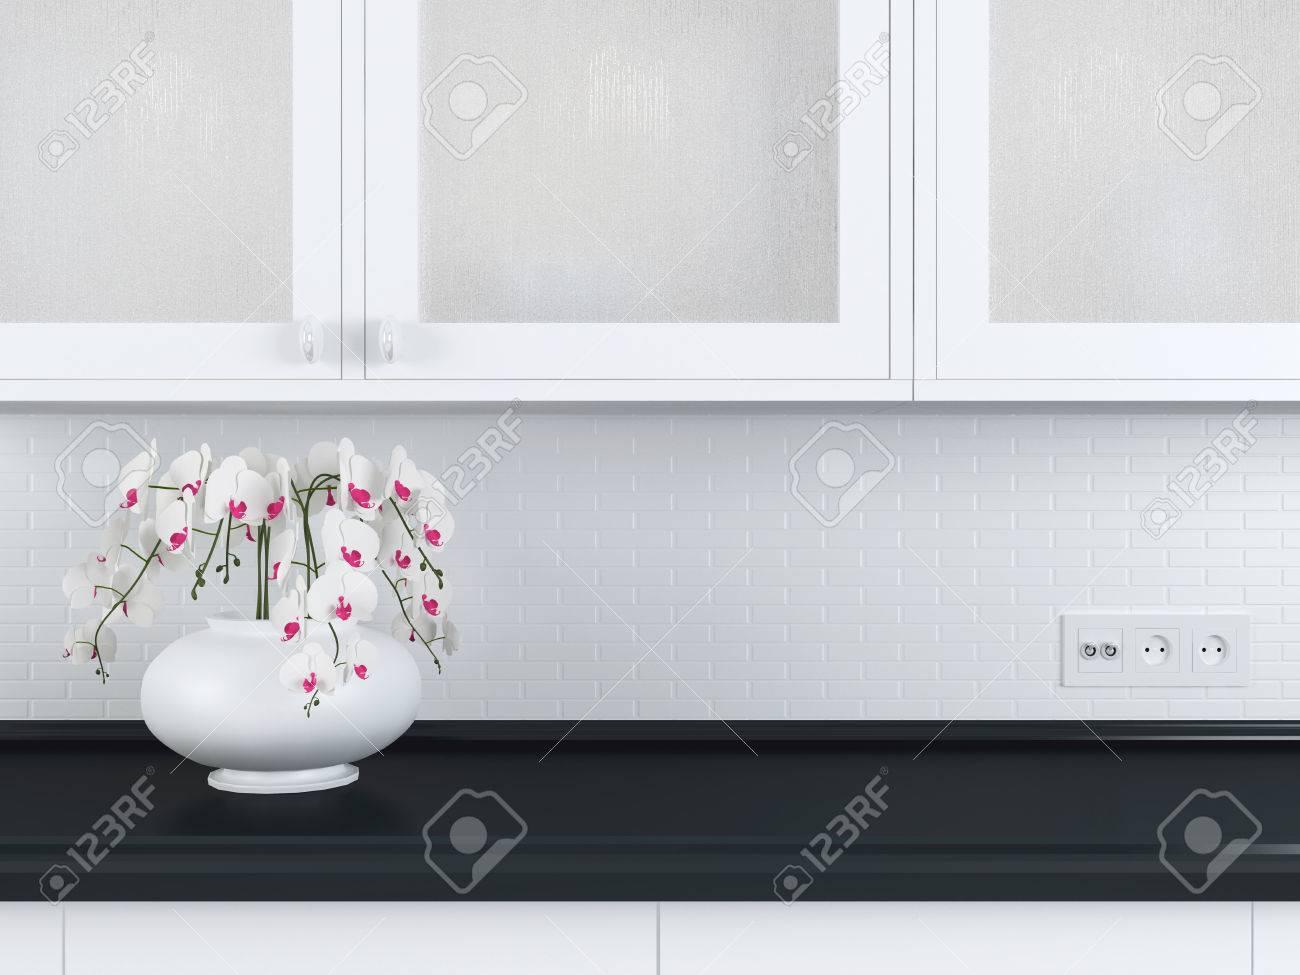 Moderne Weiße Küche Design, Blumen Auf Dem Schwarzen Marmor Arbeitsplatte.  Standard Bild